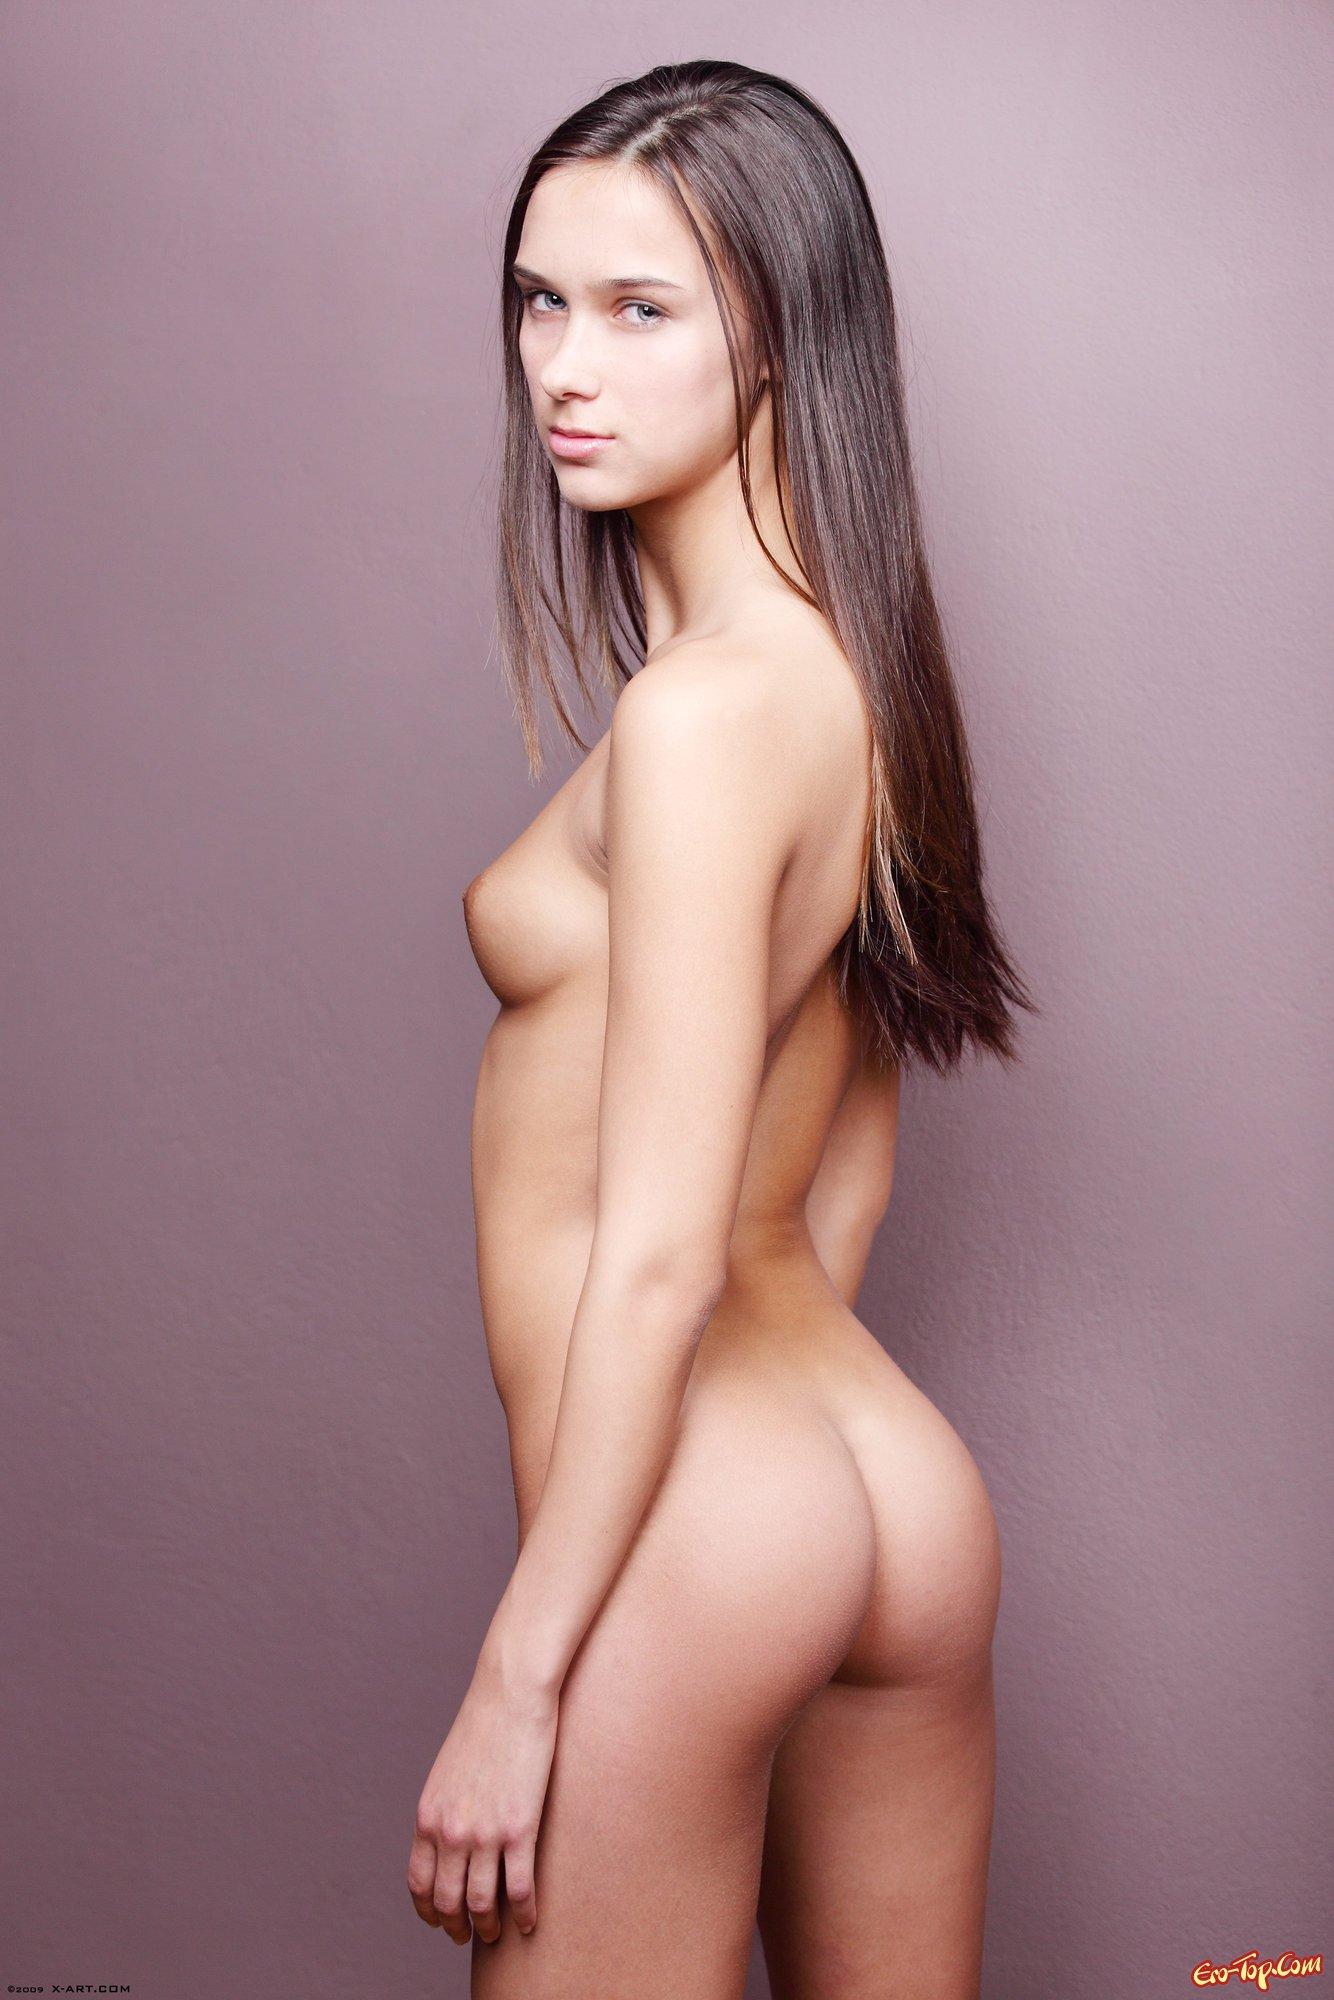 Фотомодель голая грудь 10 фотография